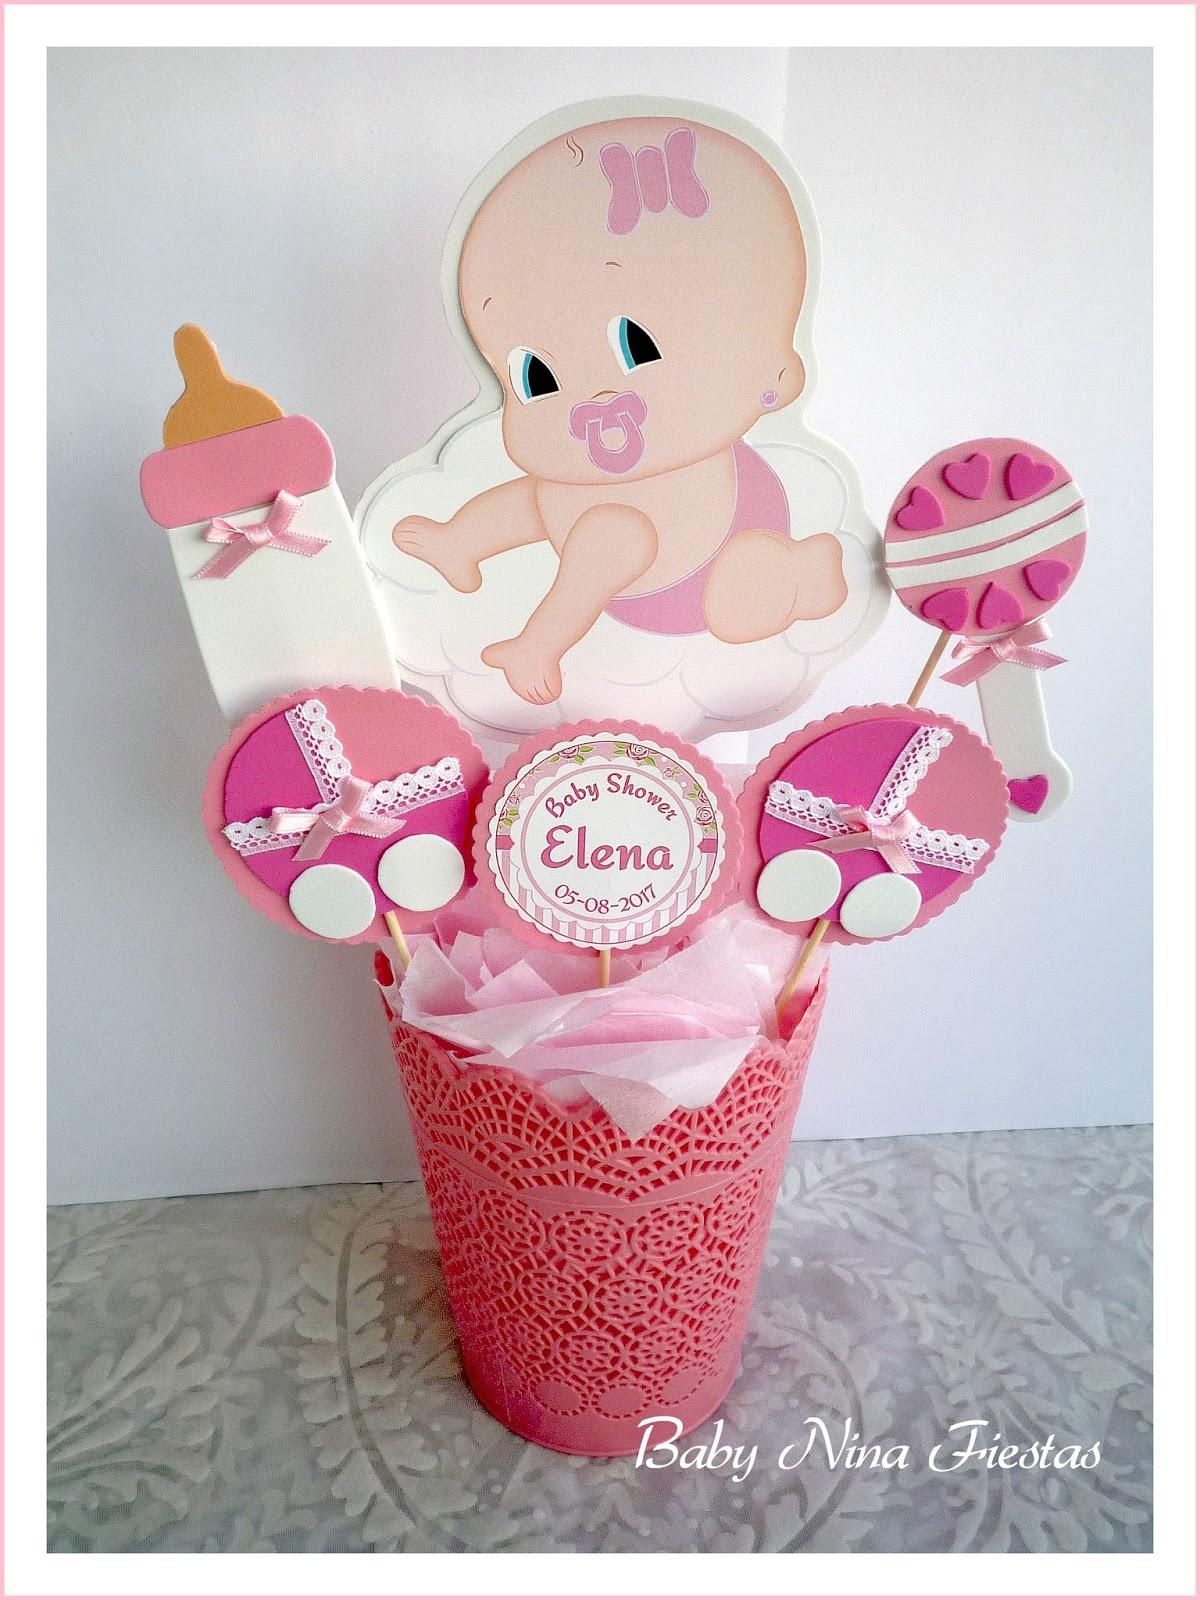 Baby nina fiestas baby shower elena - Baby shower de nina ...